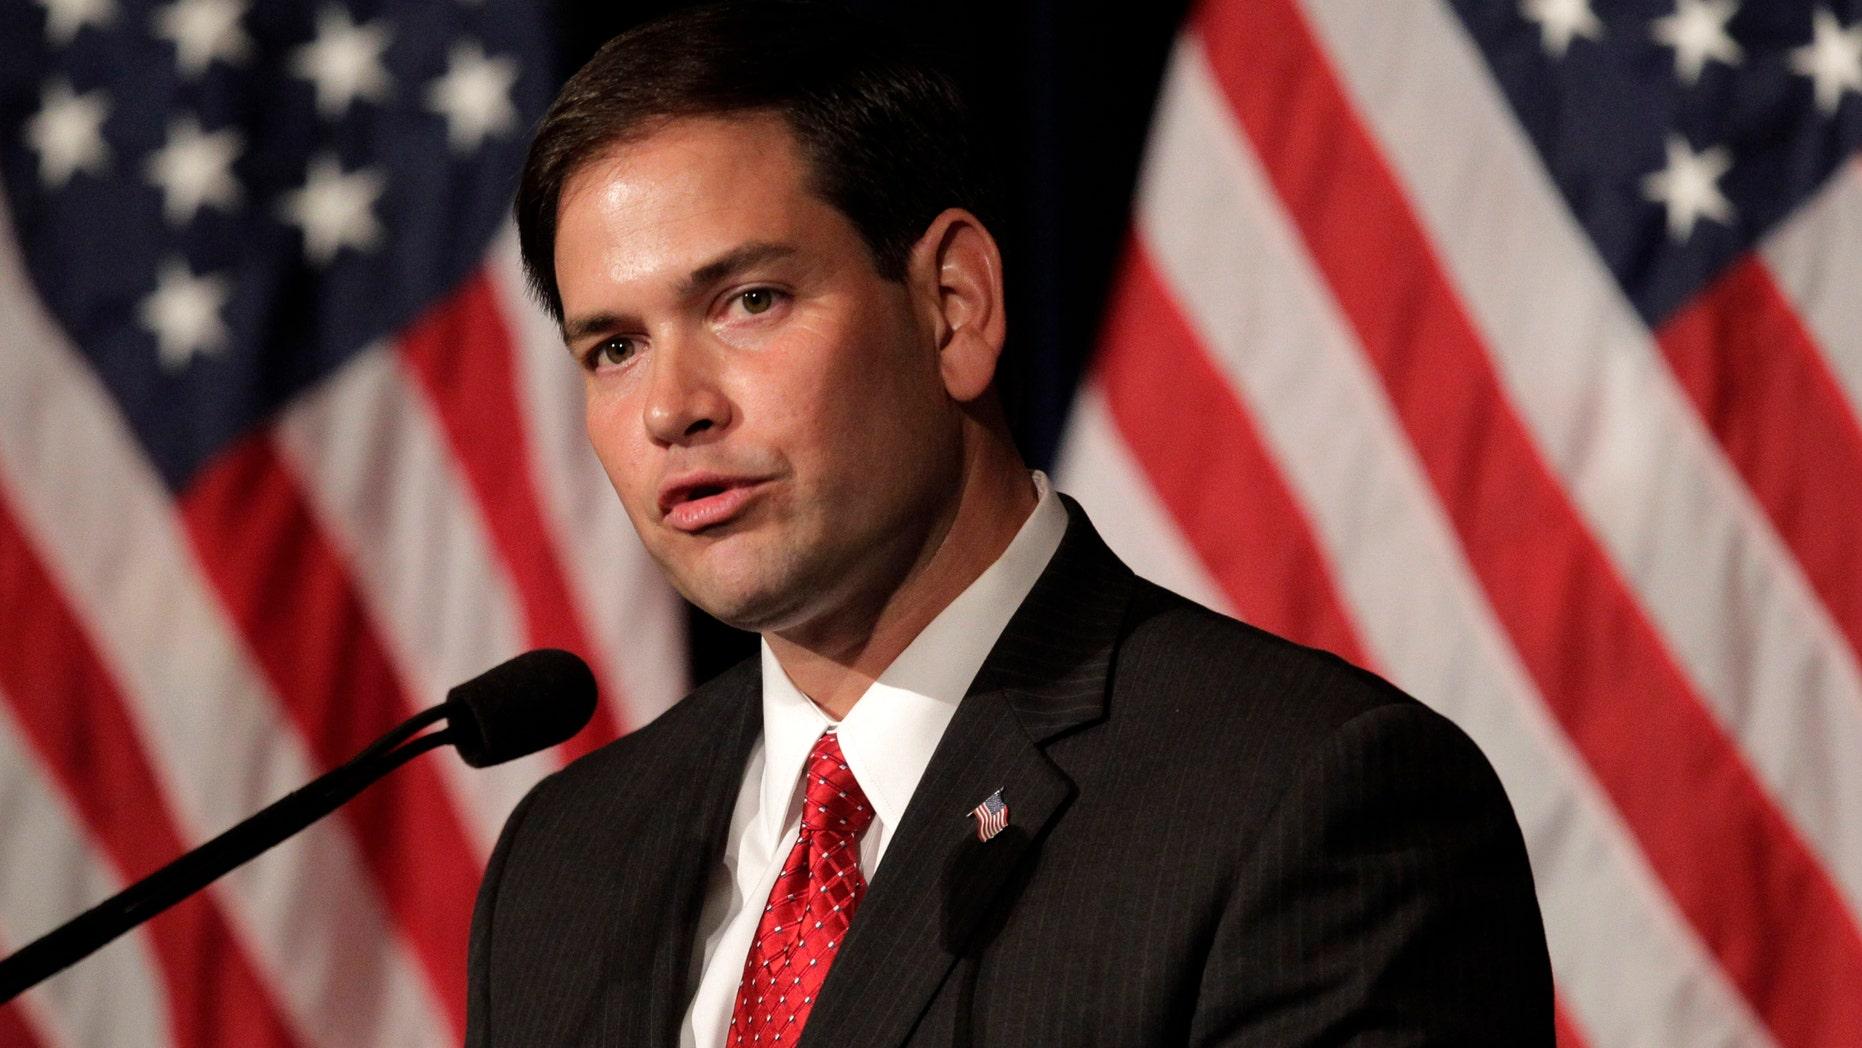 Sen. Marco Rubio, R-FL, speaks in Simi Valley, Calif., on Aug. 23, 2011. (AP Photo/Jae C. Hong, File)